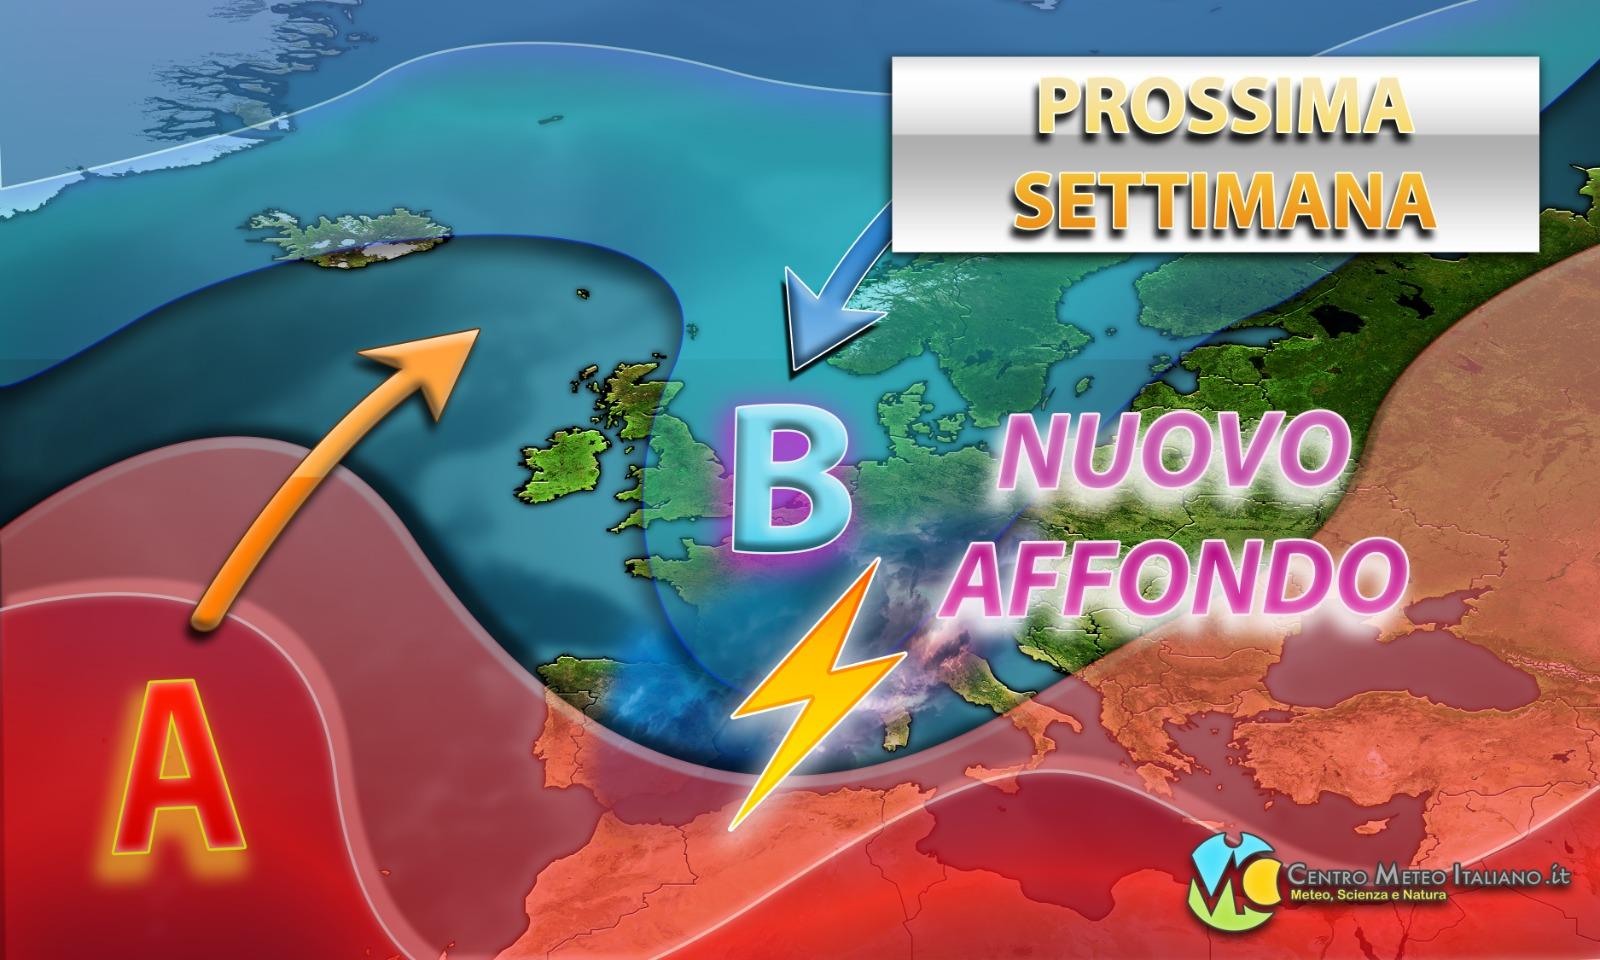 Nuovo peggioramento meteo per la prossima settimana